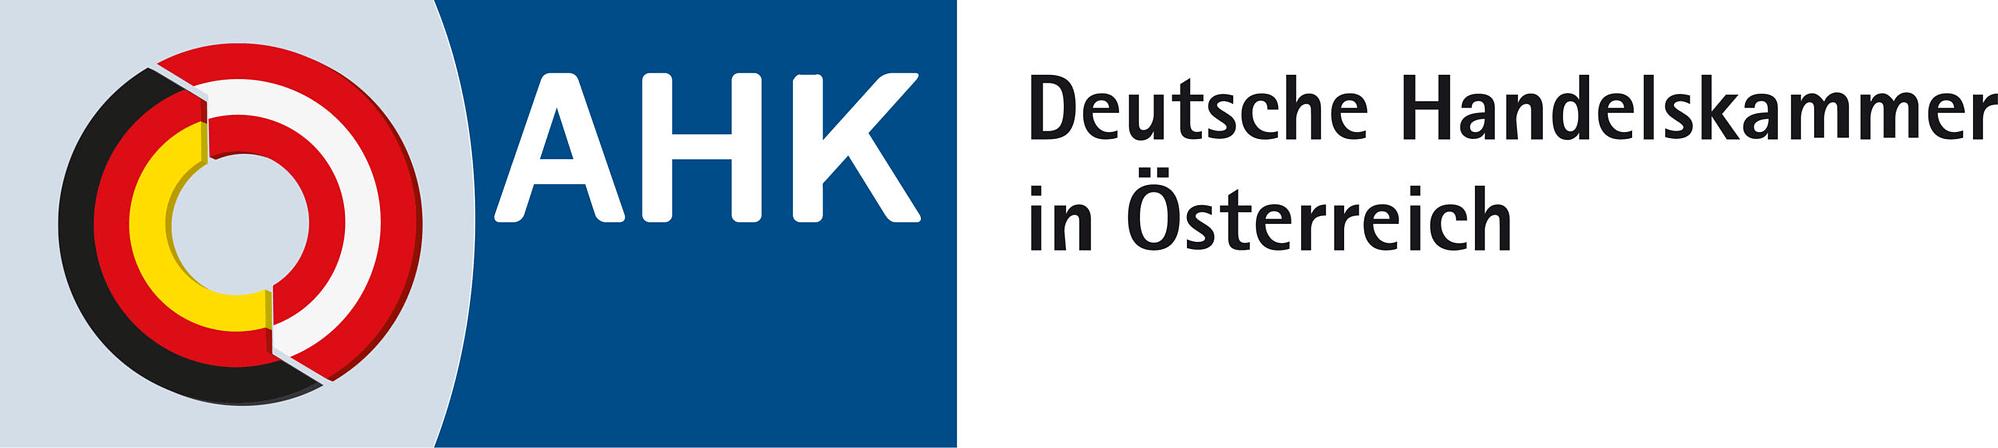 AHK Deutsche Handelskammer in Österreich